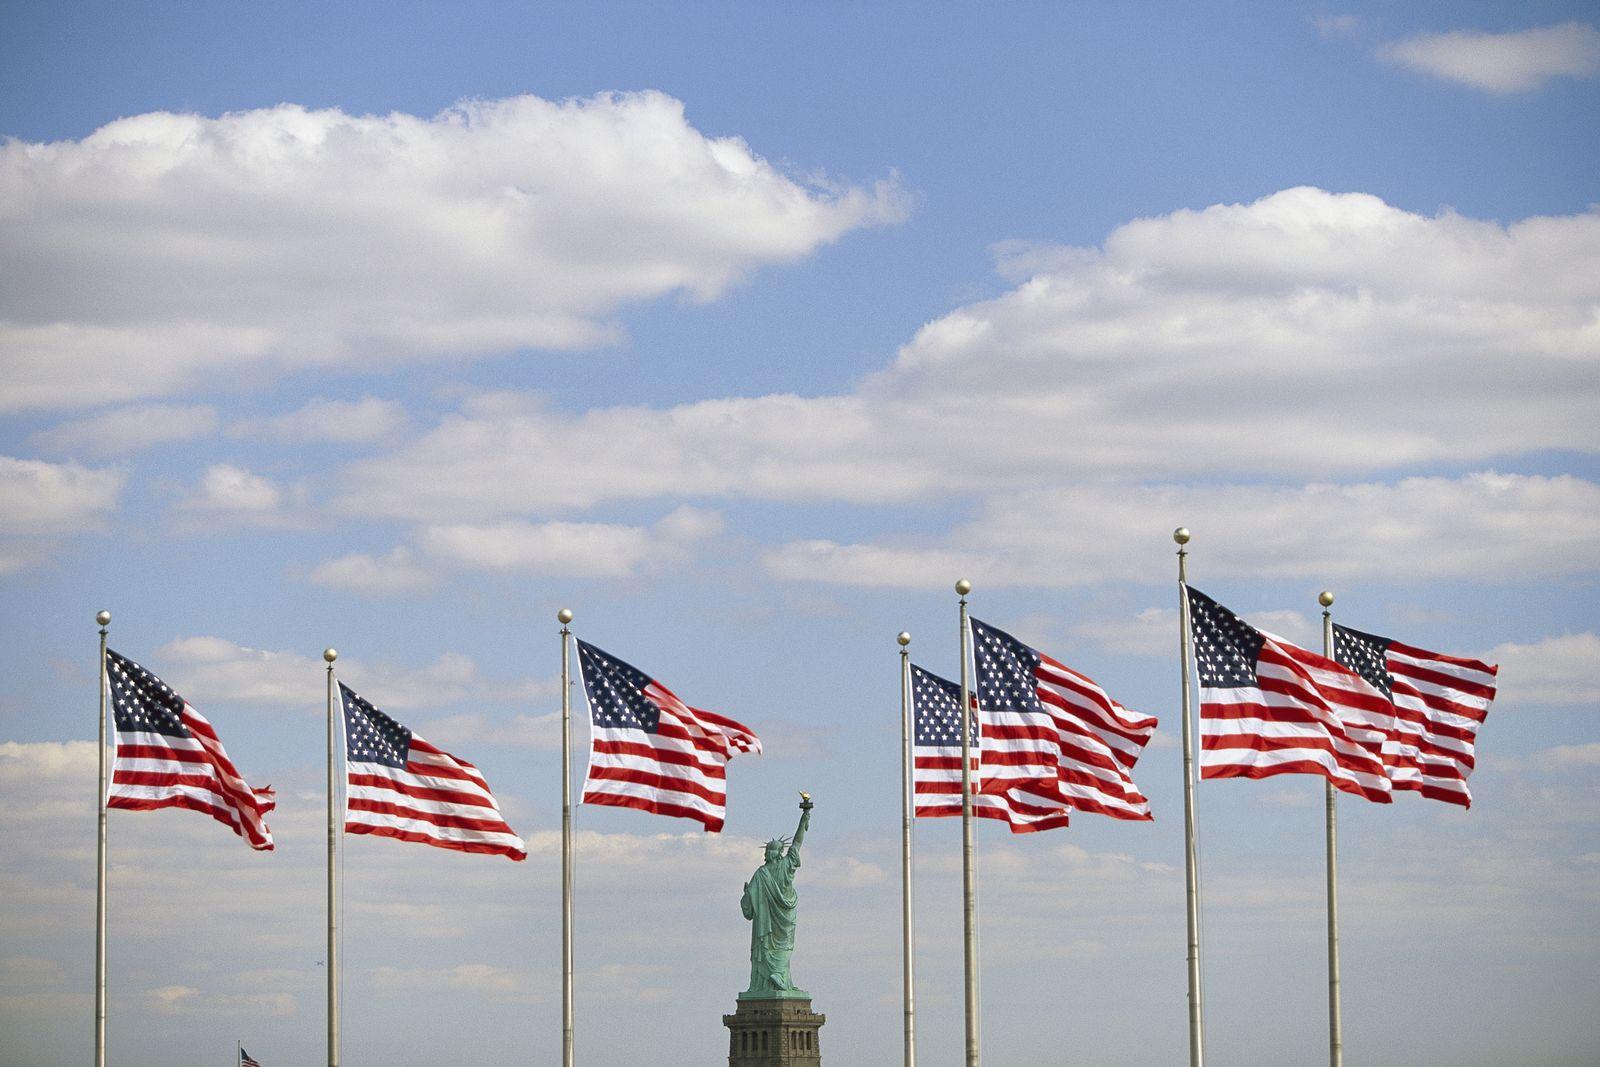 NICHT MEHR VERWENDEN! - Freiheitsstatue / USA / US Flagge